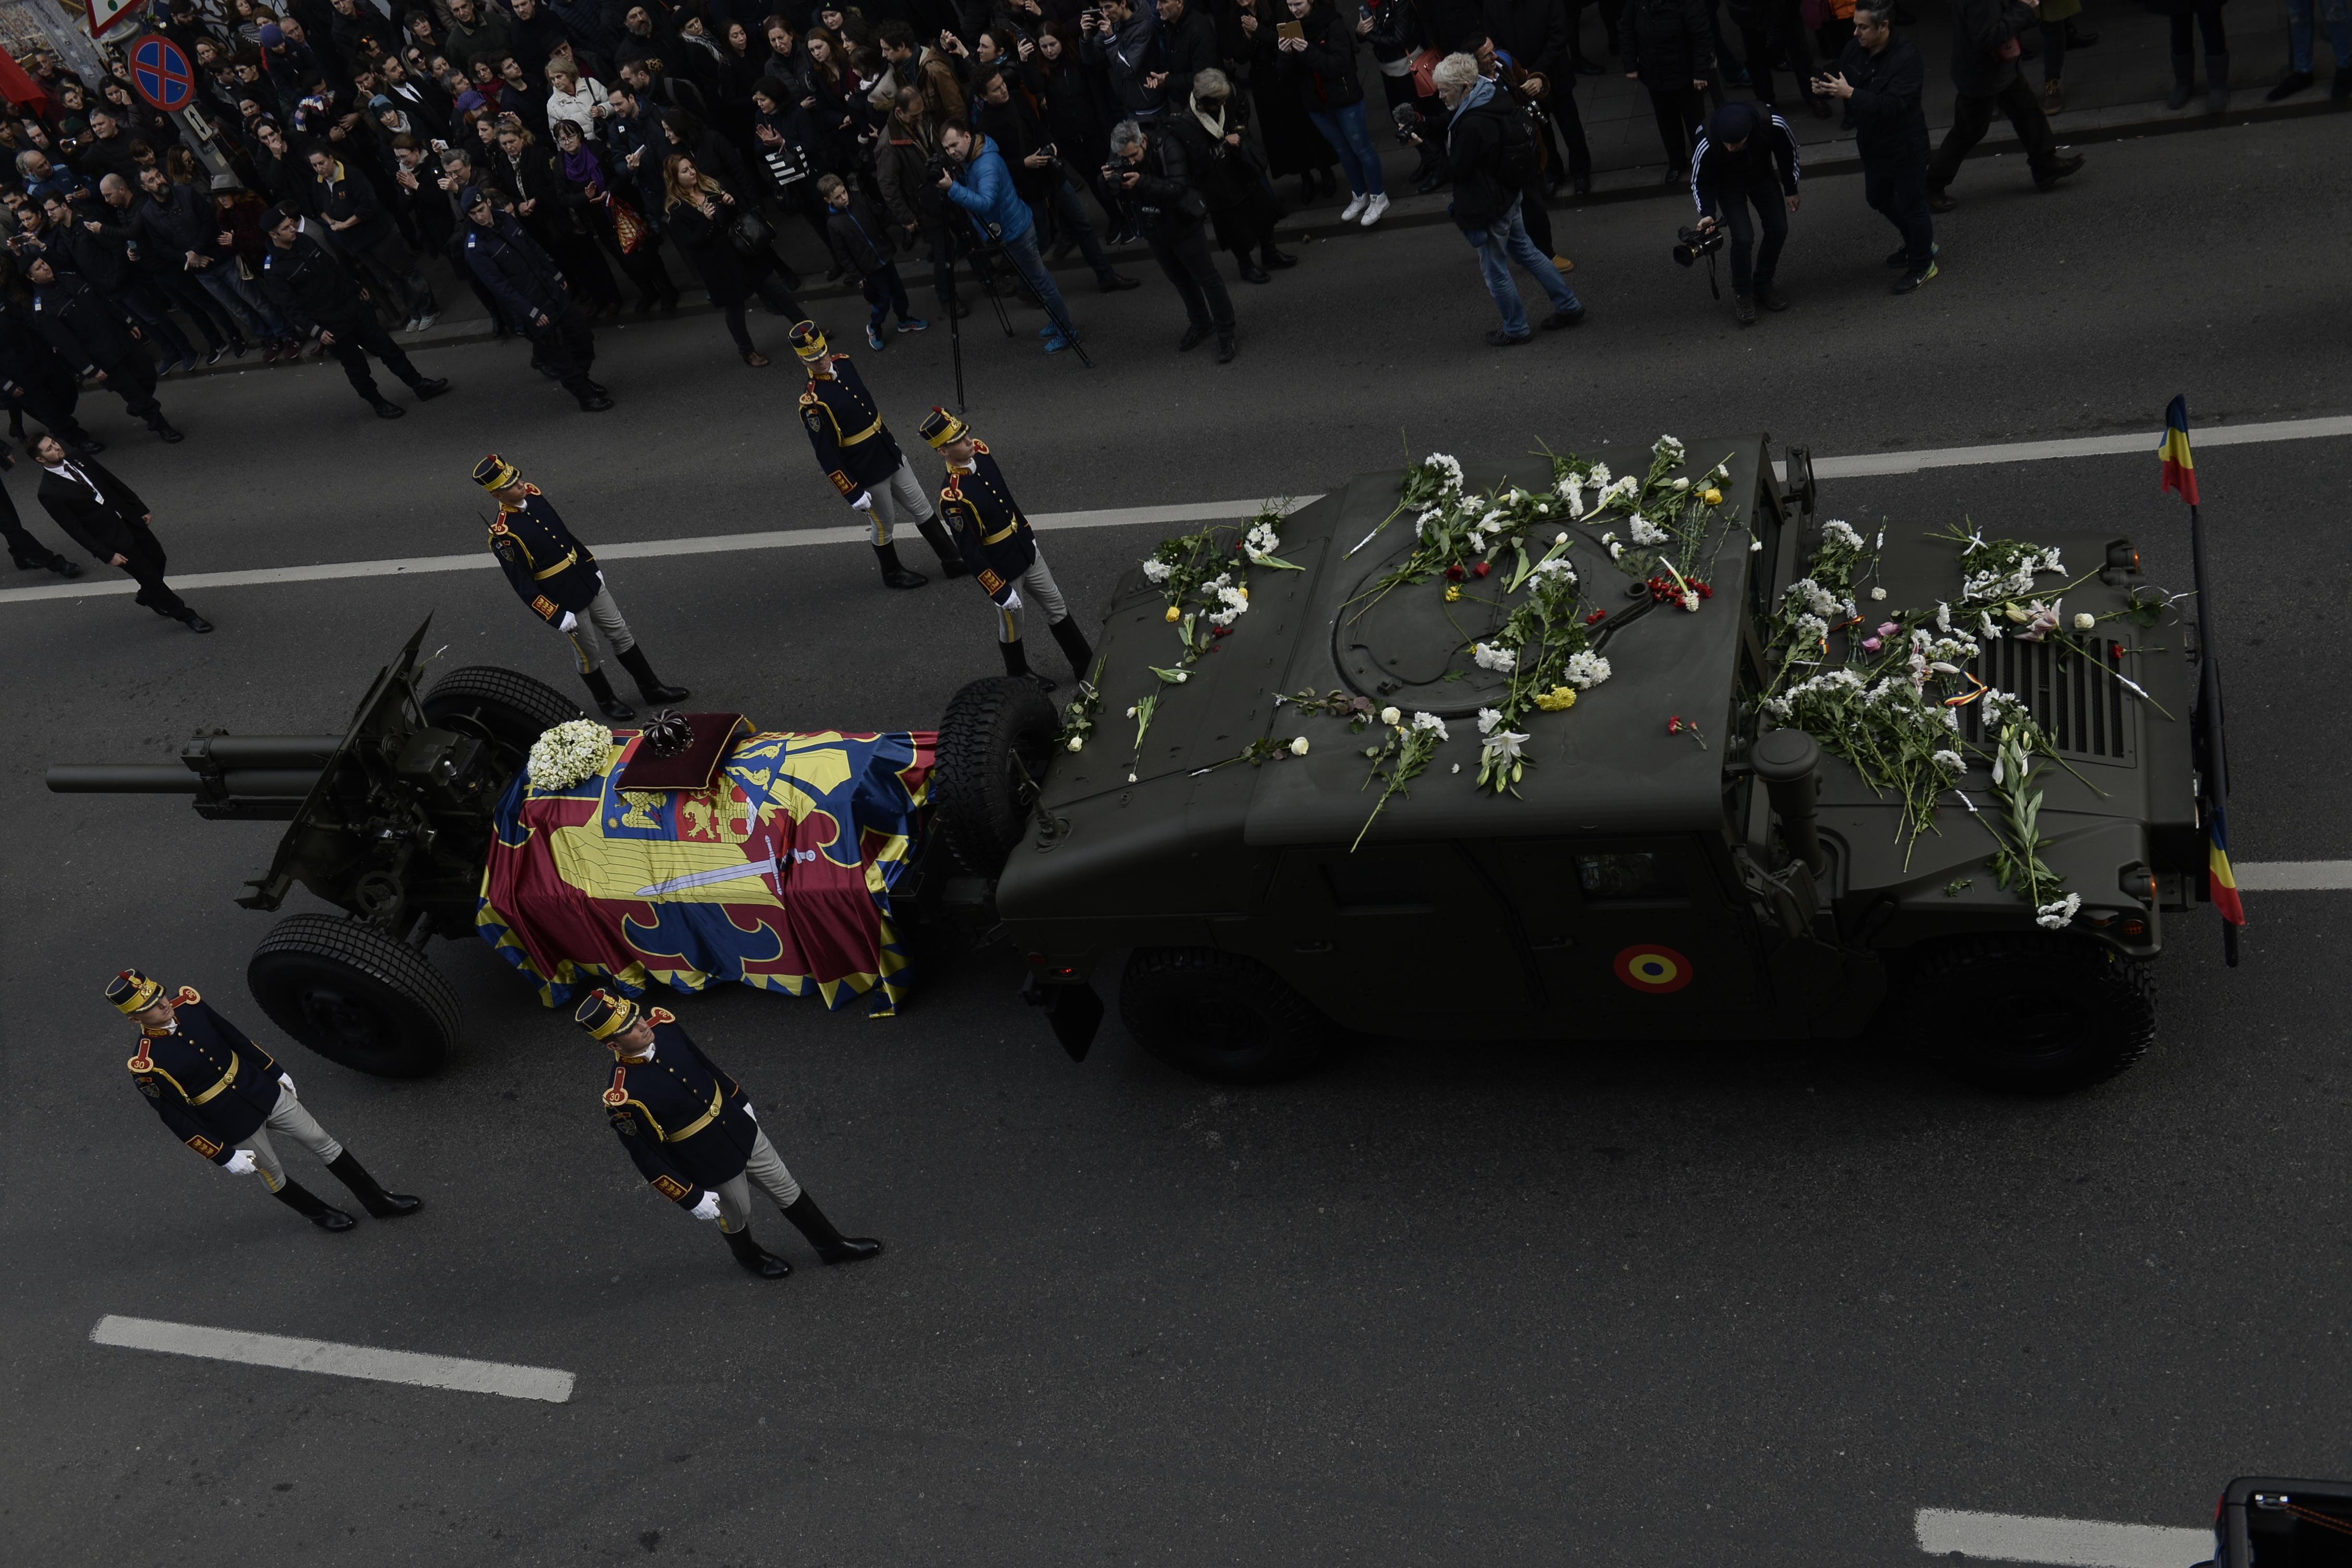 România îşi ia RĂMAS BUN de la Regele Mihai. ULTIMUL DRUM, parcurs cu trenul regal, la Curtea de Argeş/ Peste 20.000 de oameni l-au aclamat şi aplaudat pe rege în Bucureşti, de-a lungul procesiunii funerare/ Slujba de înmormântare LIVE UPDATE